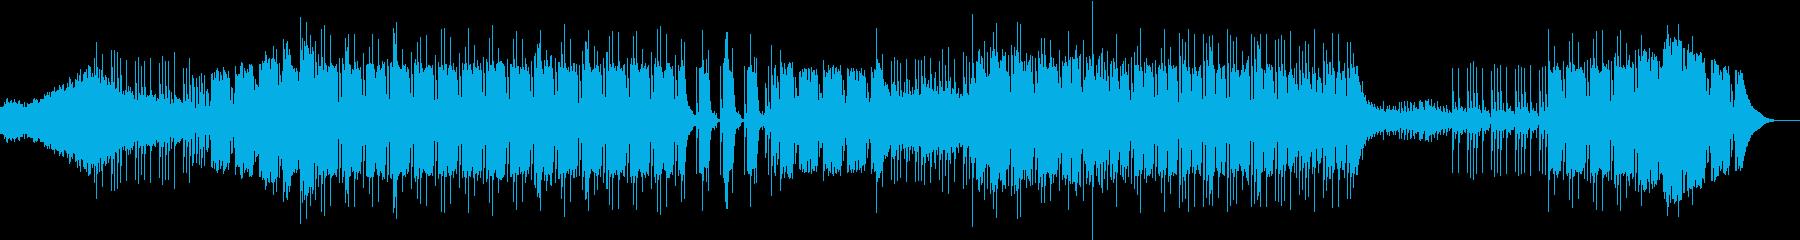 ベースが特徴の映像音楽の再生済みの波形